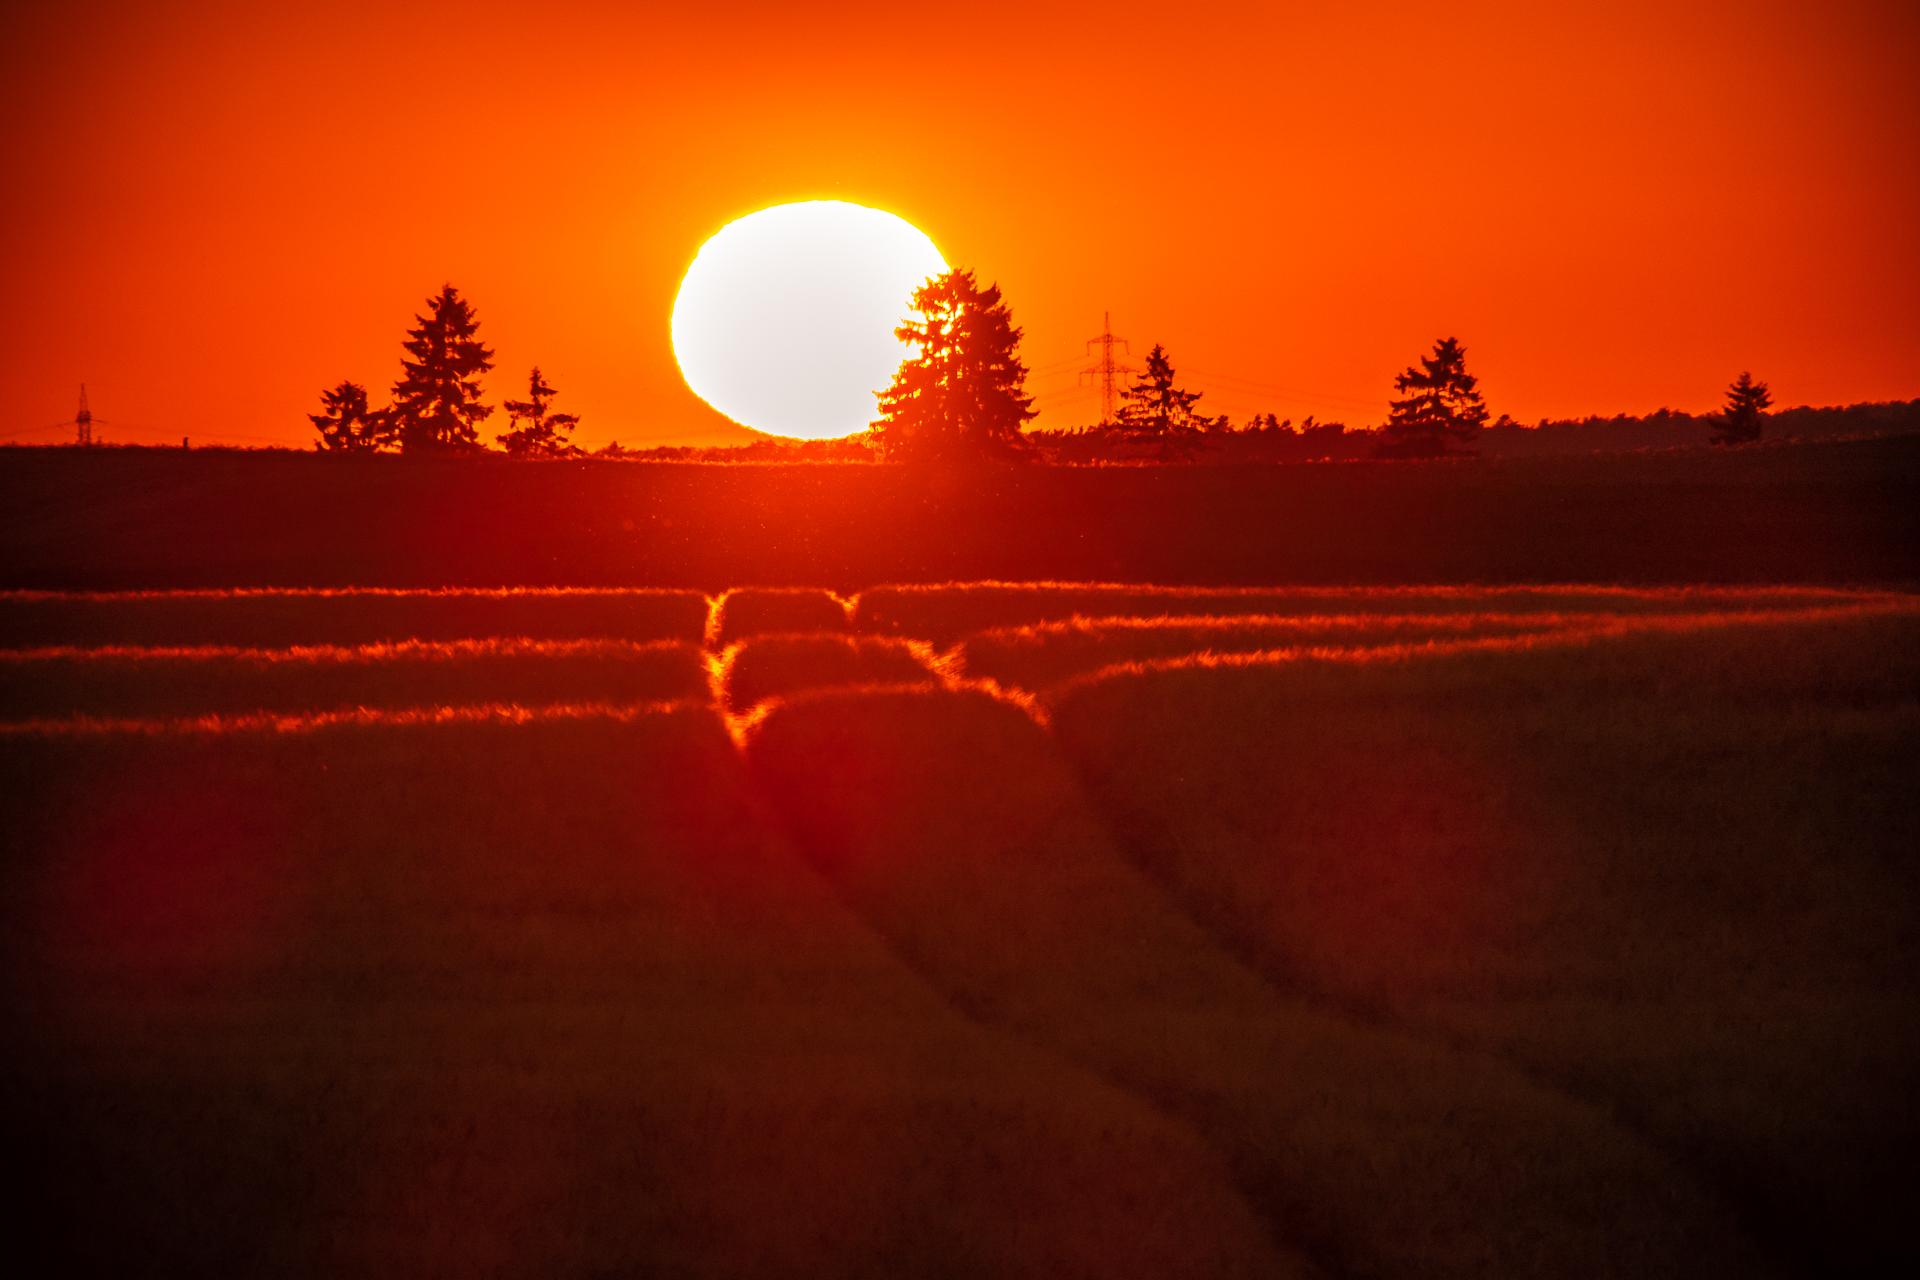 Treckerspuren in einem Getreidefeld, Sonnenuntergang, Gegenlicht